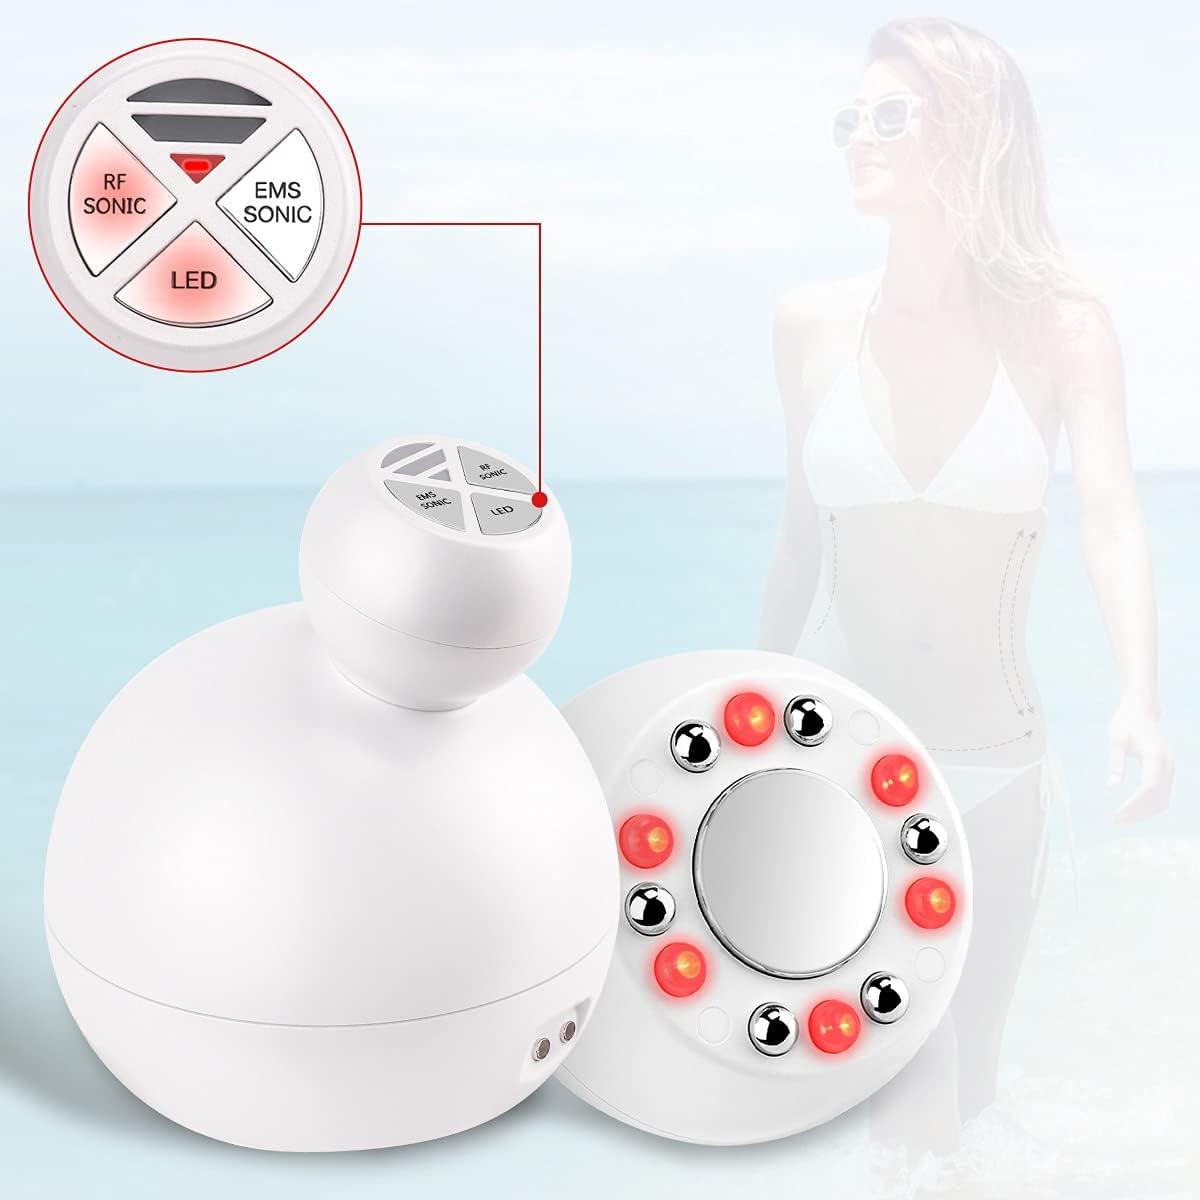 Dispositivo ultrasónico de la cavitación del RF de la máquina que adelgaza del cuerpo para la eliminación de grasa, apriete la piel